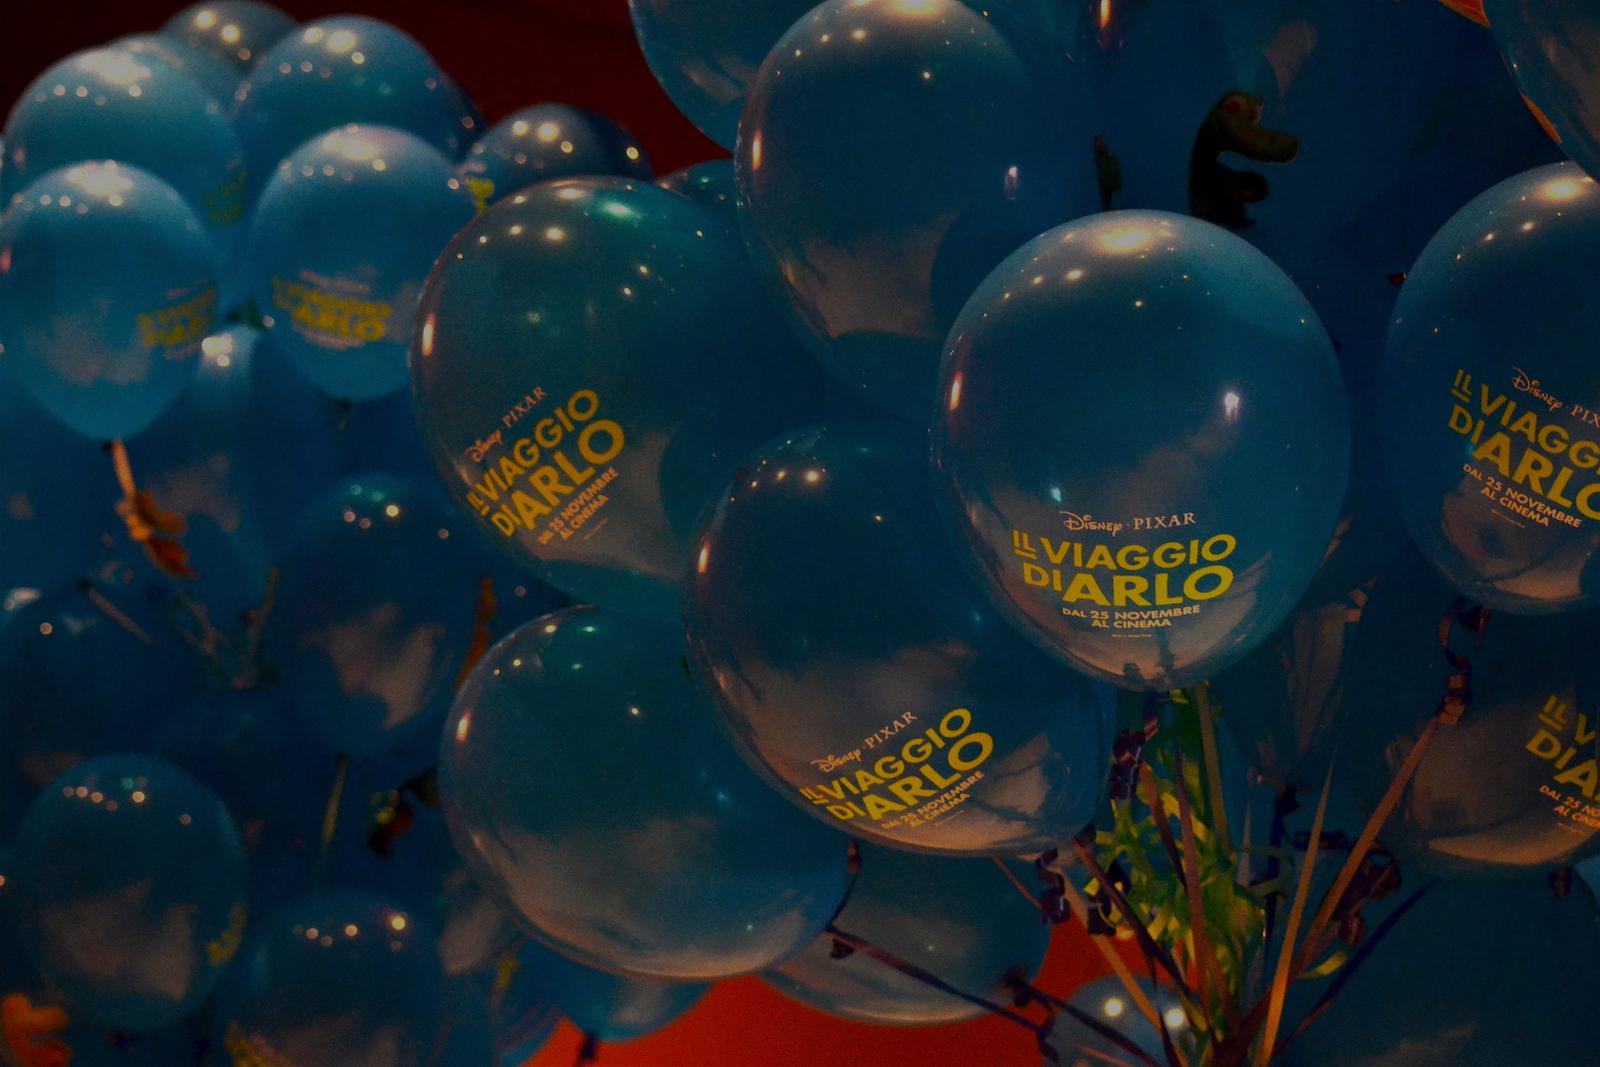 Roma 2015: palloncini dedicati a Il viaggio di Arlo